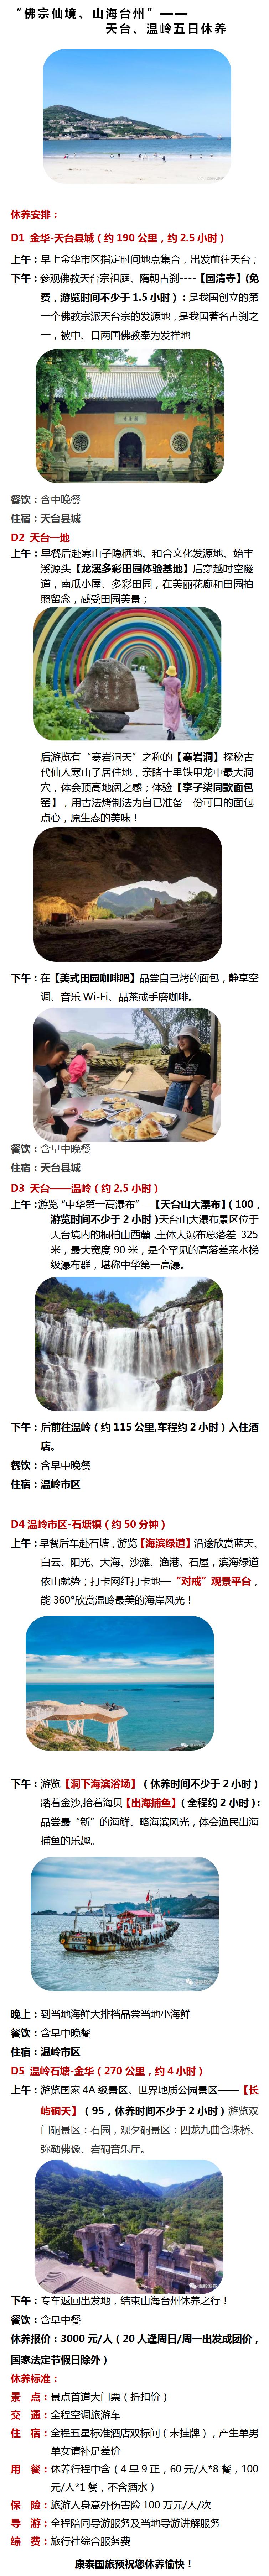 温岭、天台线路介绍模板.png